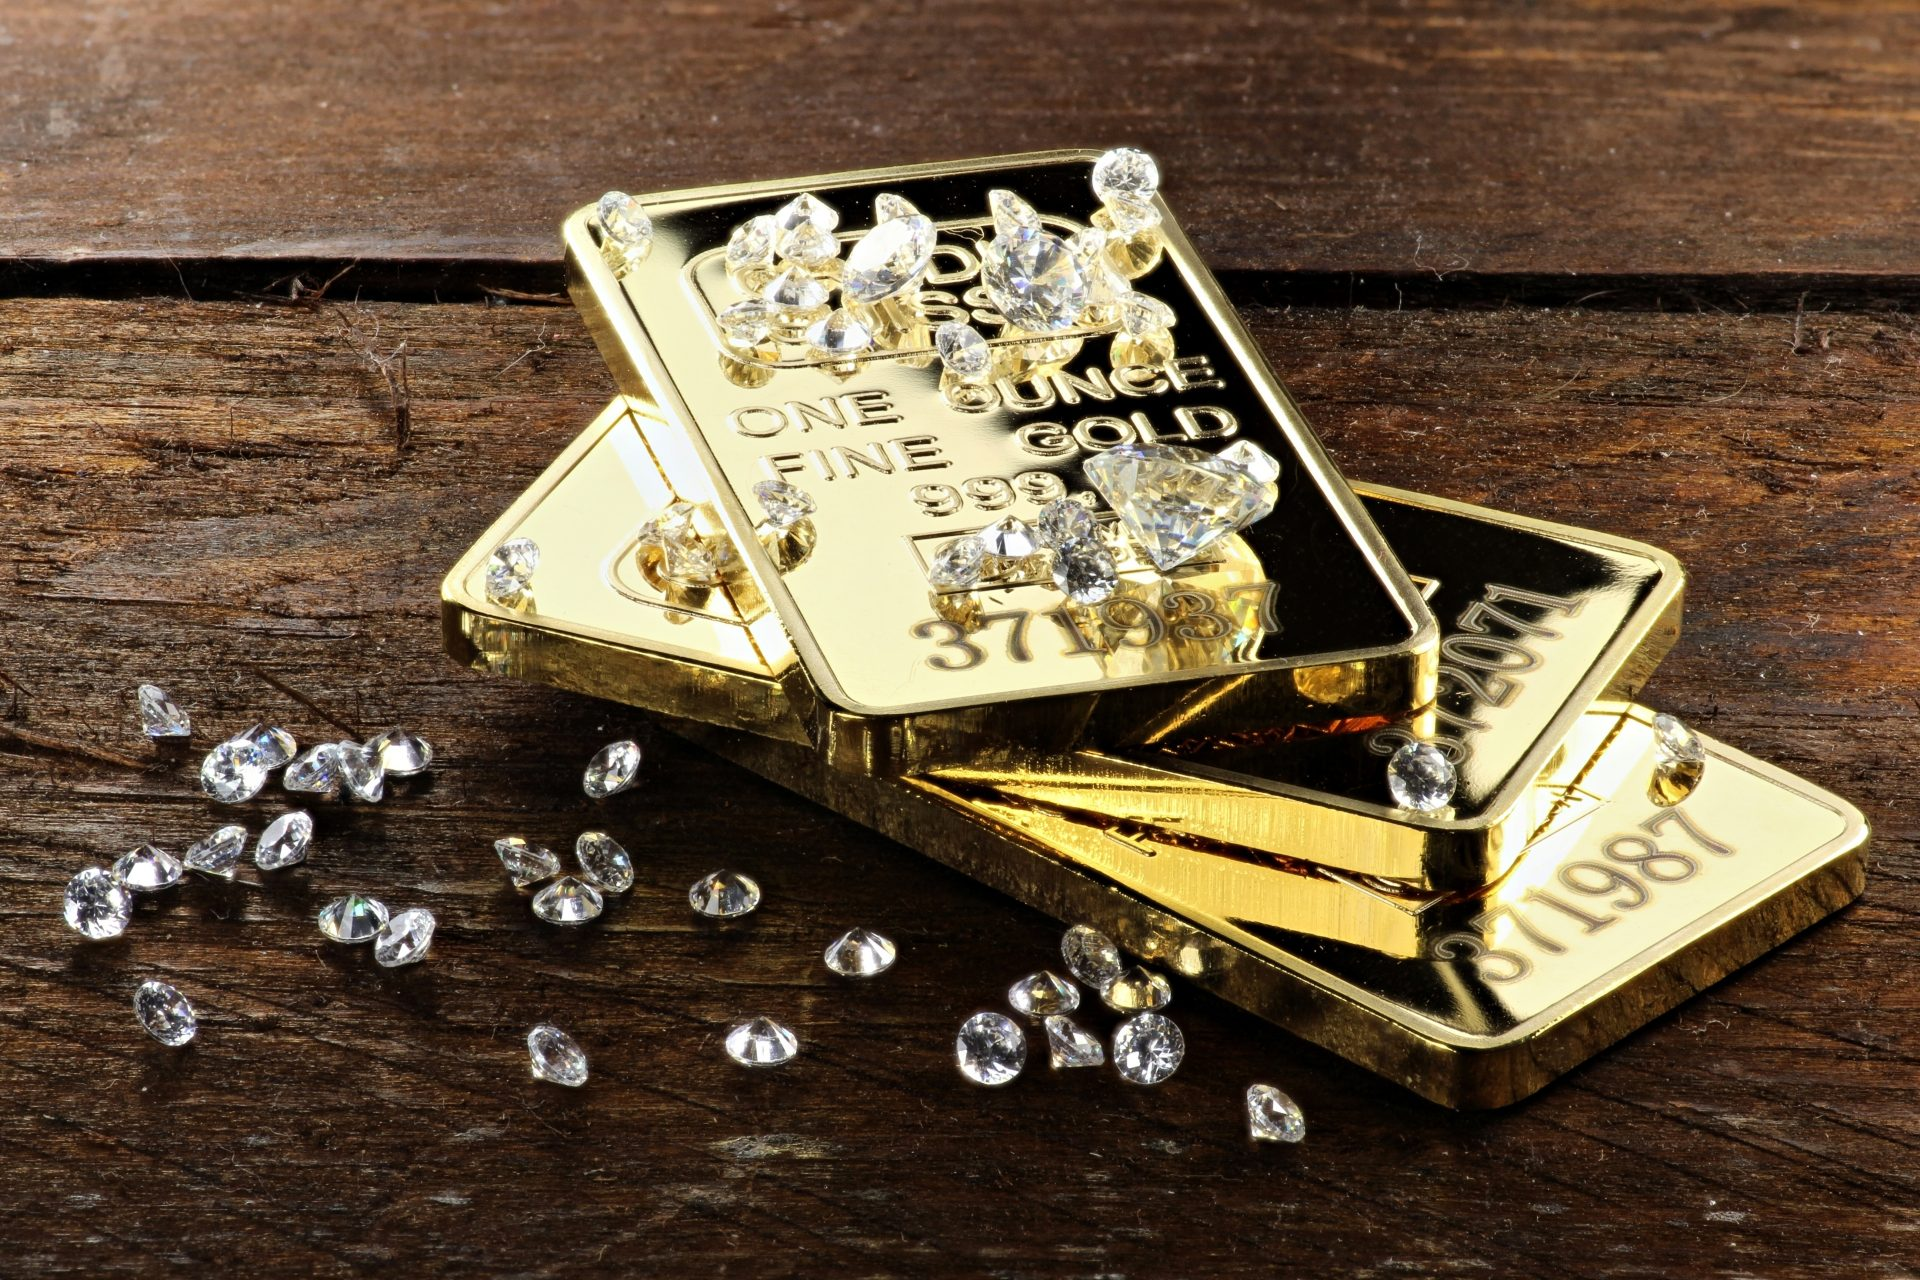 How to setup a business for Gold, Diamond and Precious